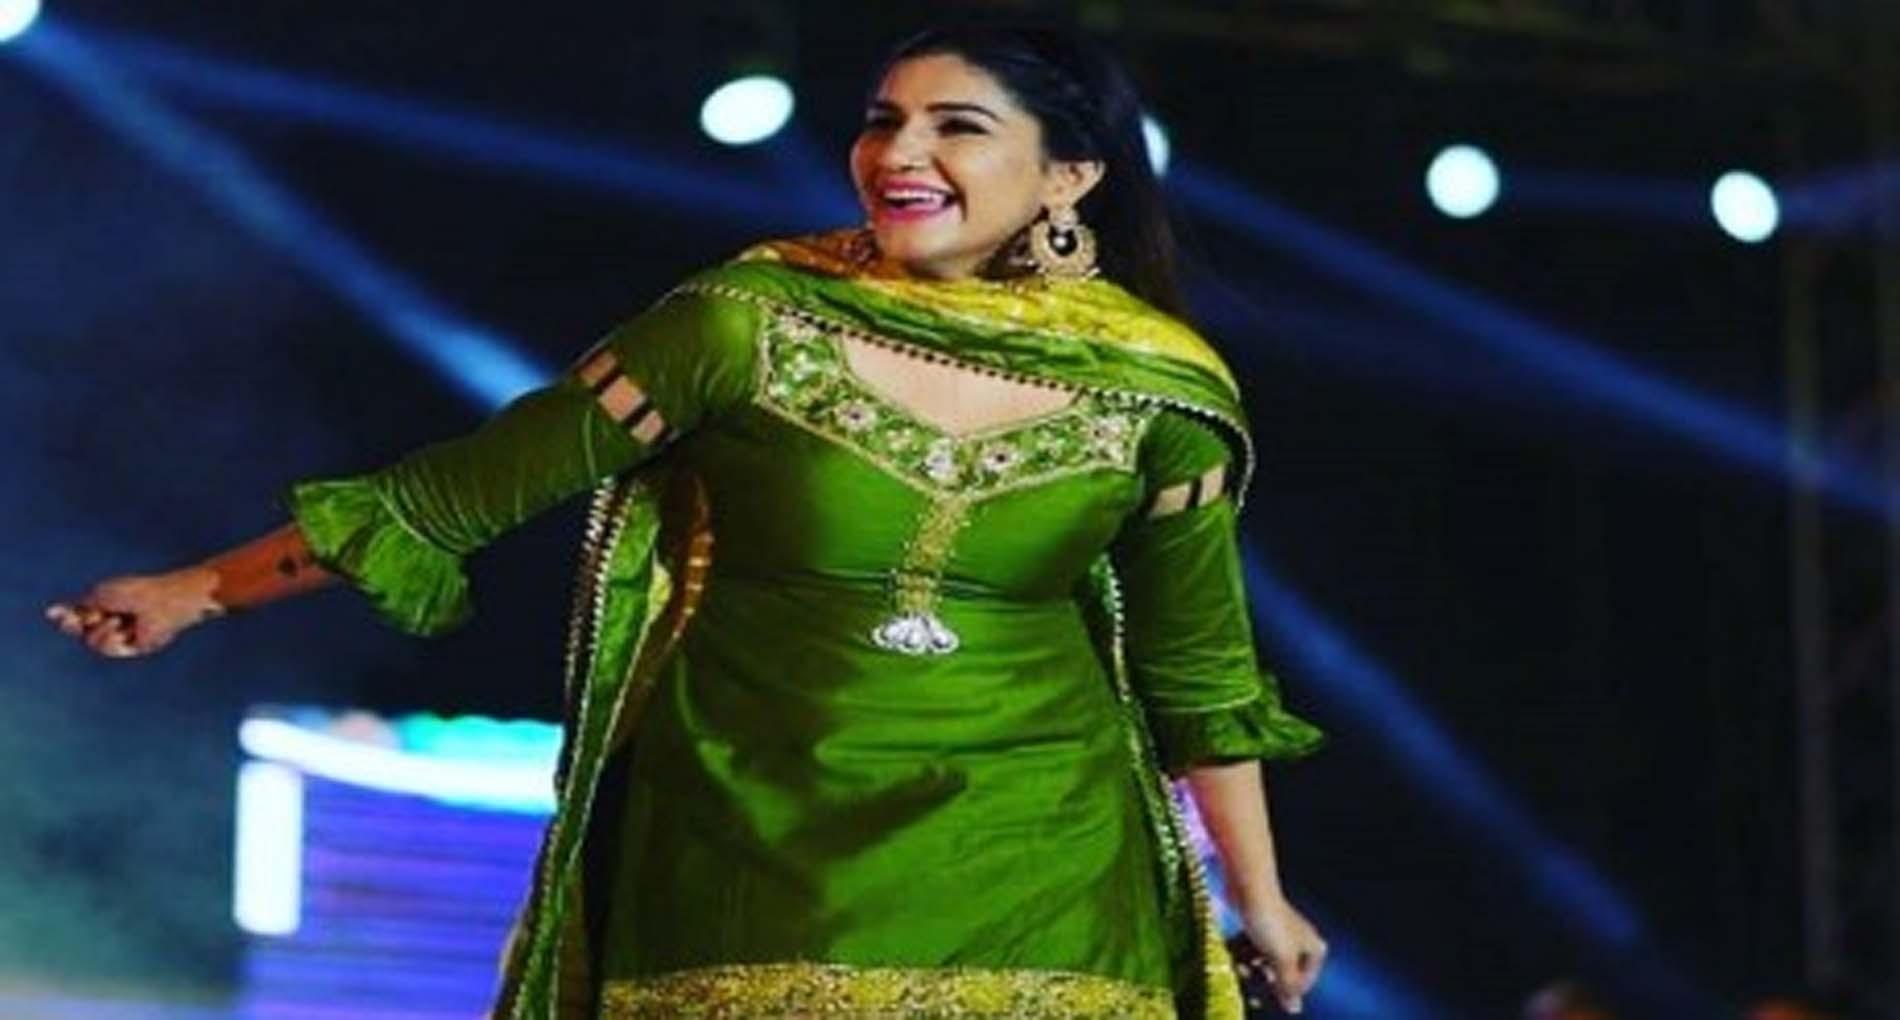 Sapna Chaudhary Ke Gane: सपना चौधरी के नखरे देख घायल हुए फैंस! हरे सूट में किया जबरदस्त डांस